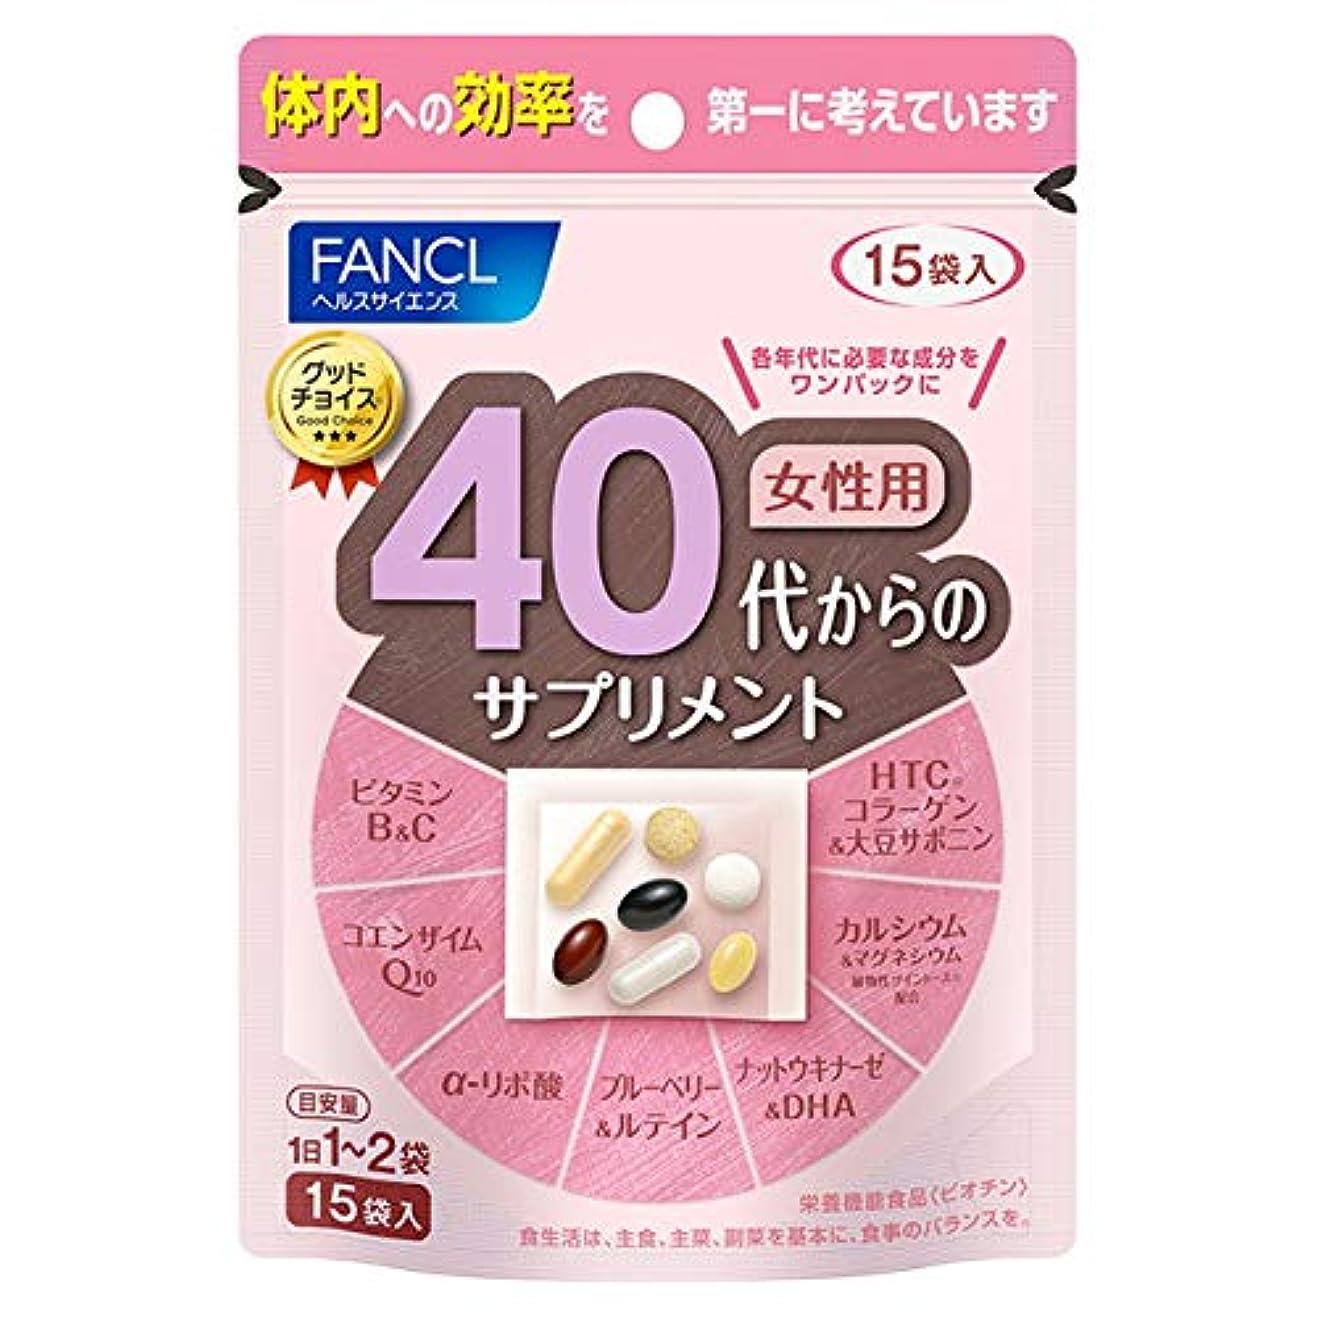 チューブ無視できるチューブ40代からのサプリメント 女性用 15袋入